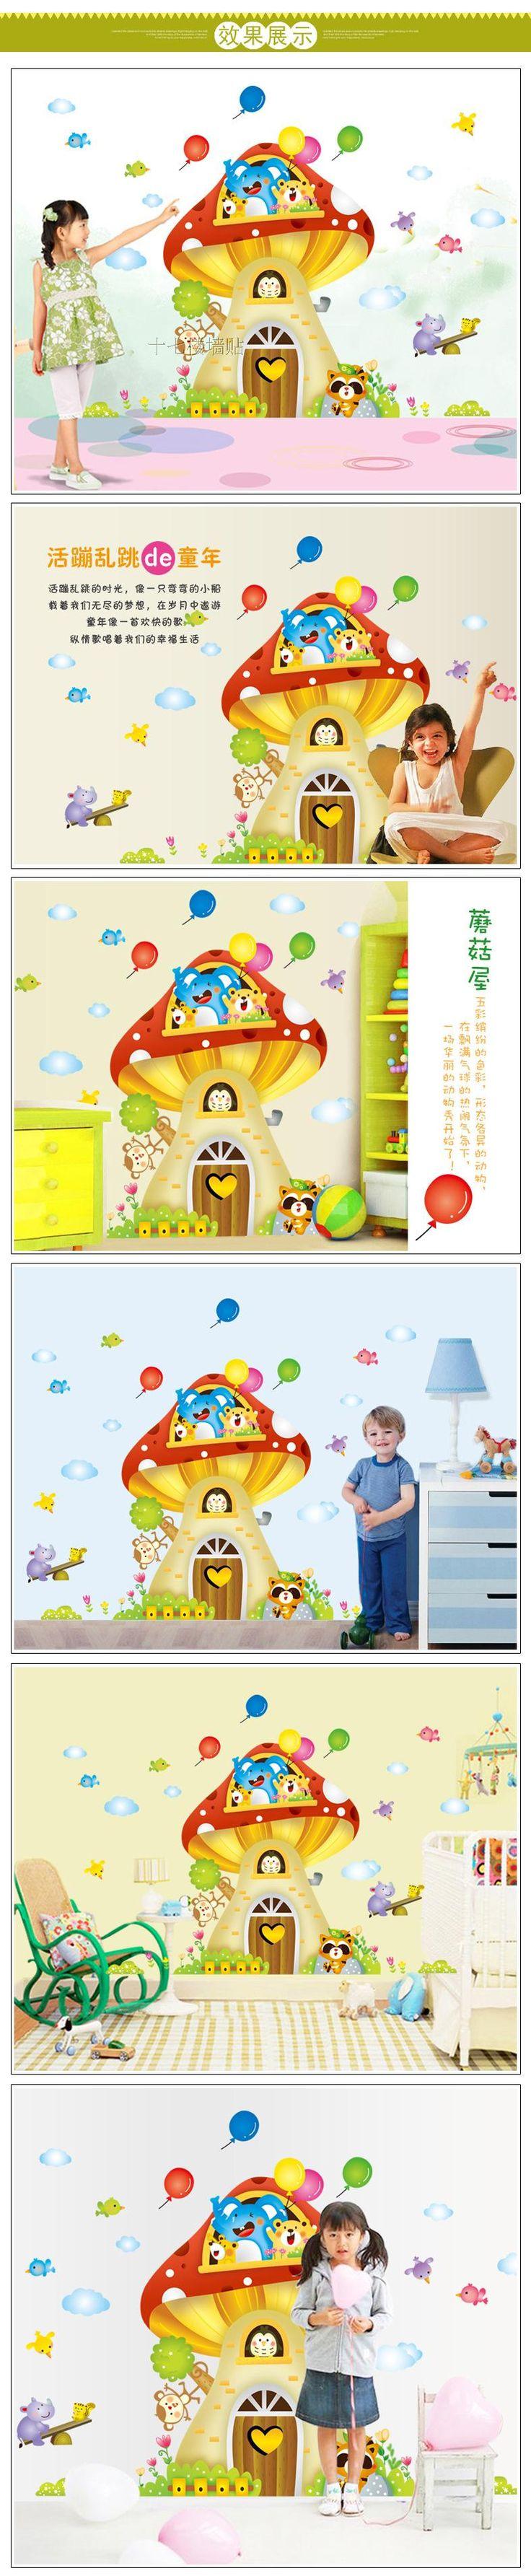 ПВХ детские мальчики и девушки полозья номер наклейки милый мультфильм гриб дом большой съемный стены наклейки питомник декоративных купить на AliExpress